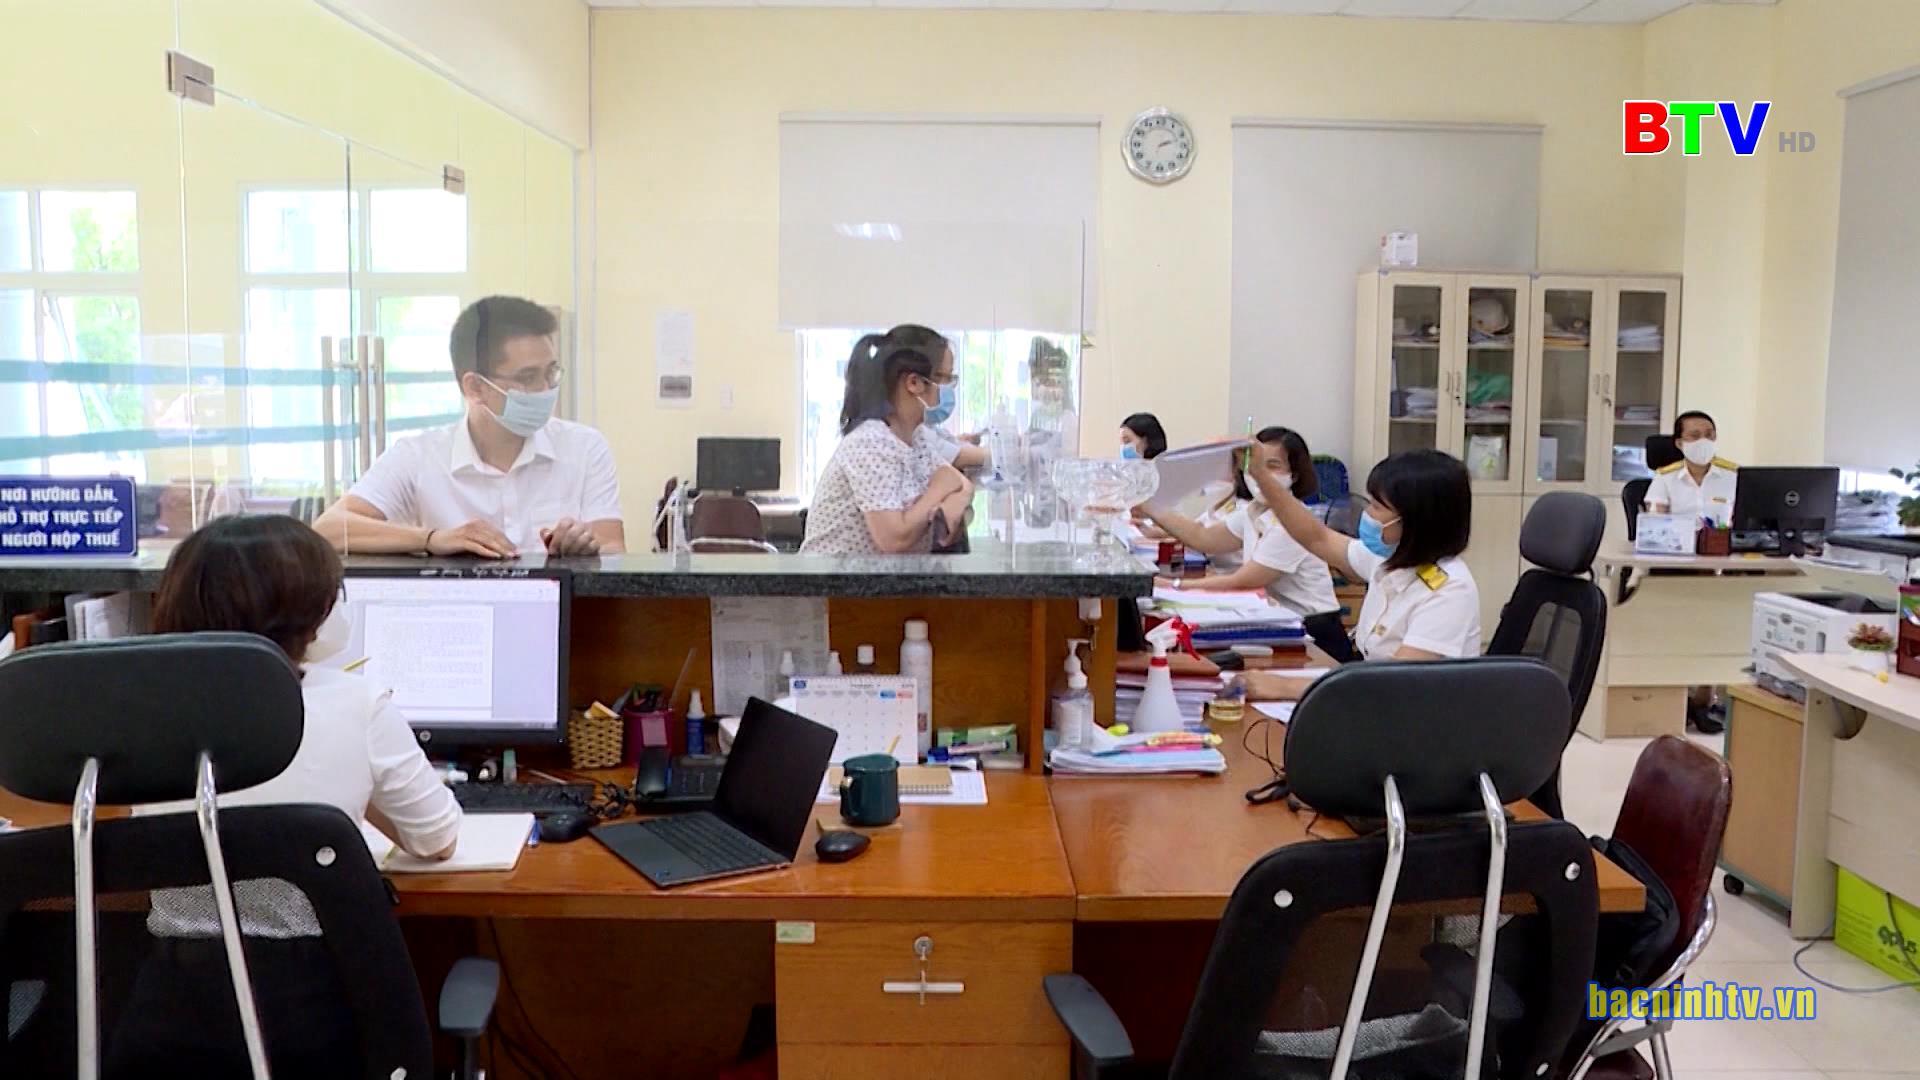 Bắc Ninh triển khai các chính sách hỗ trợ DN và người lao động